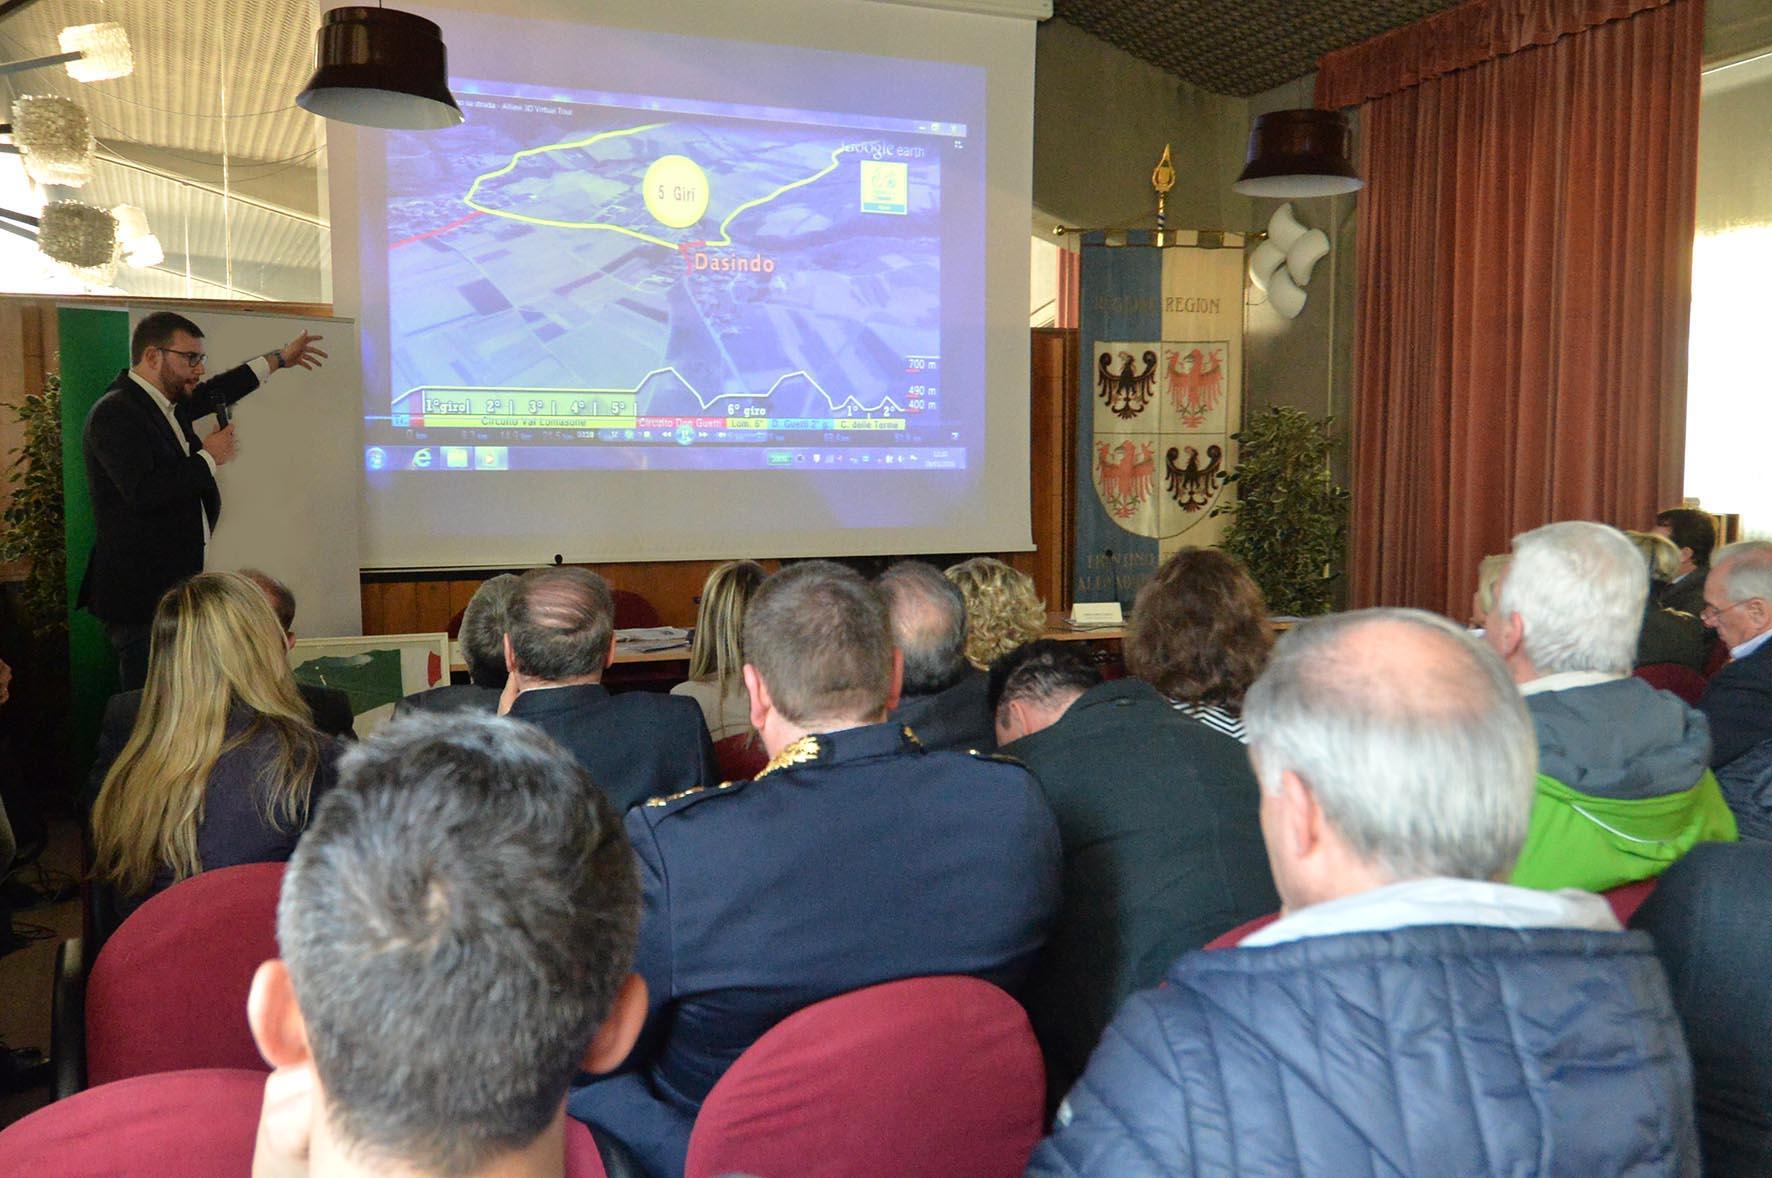 Presentazione dei Campionati Italiani di Ciclismo su Strada esordienti e allievi 9-10 luglio 2016 Terme di Comano, il sindaco di Fiavè e nel comitato organizattivo Angelo Zambotti, spiega i percorsi